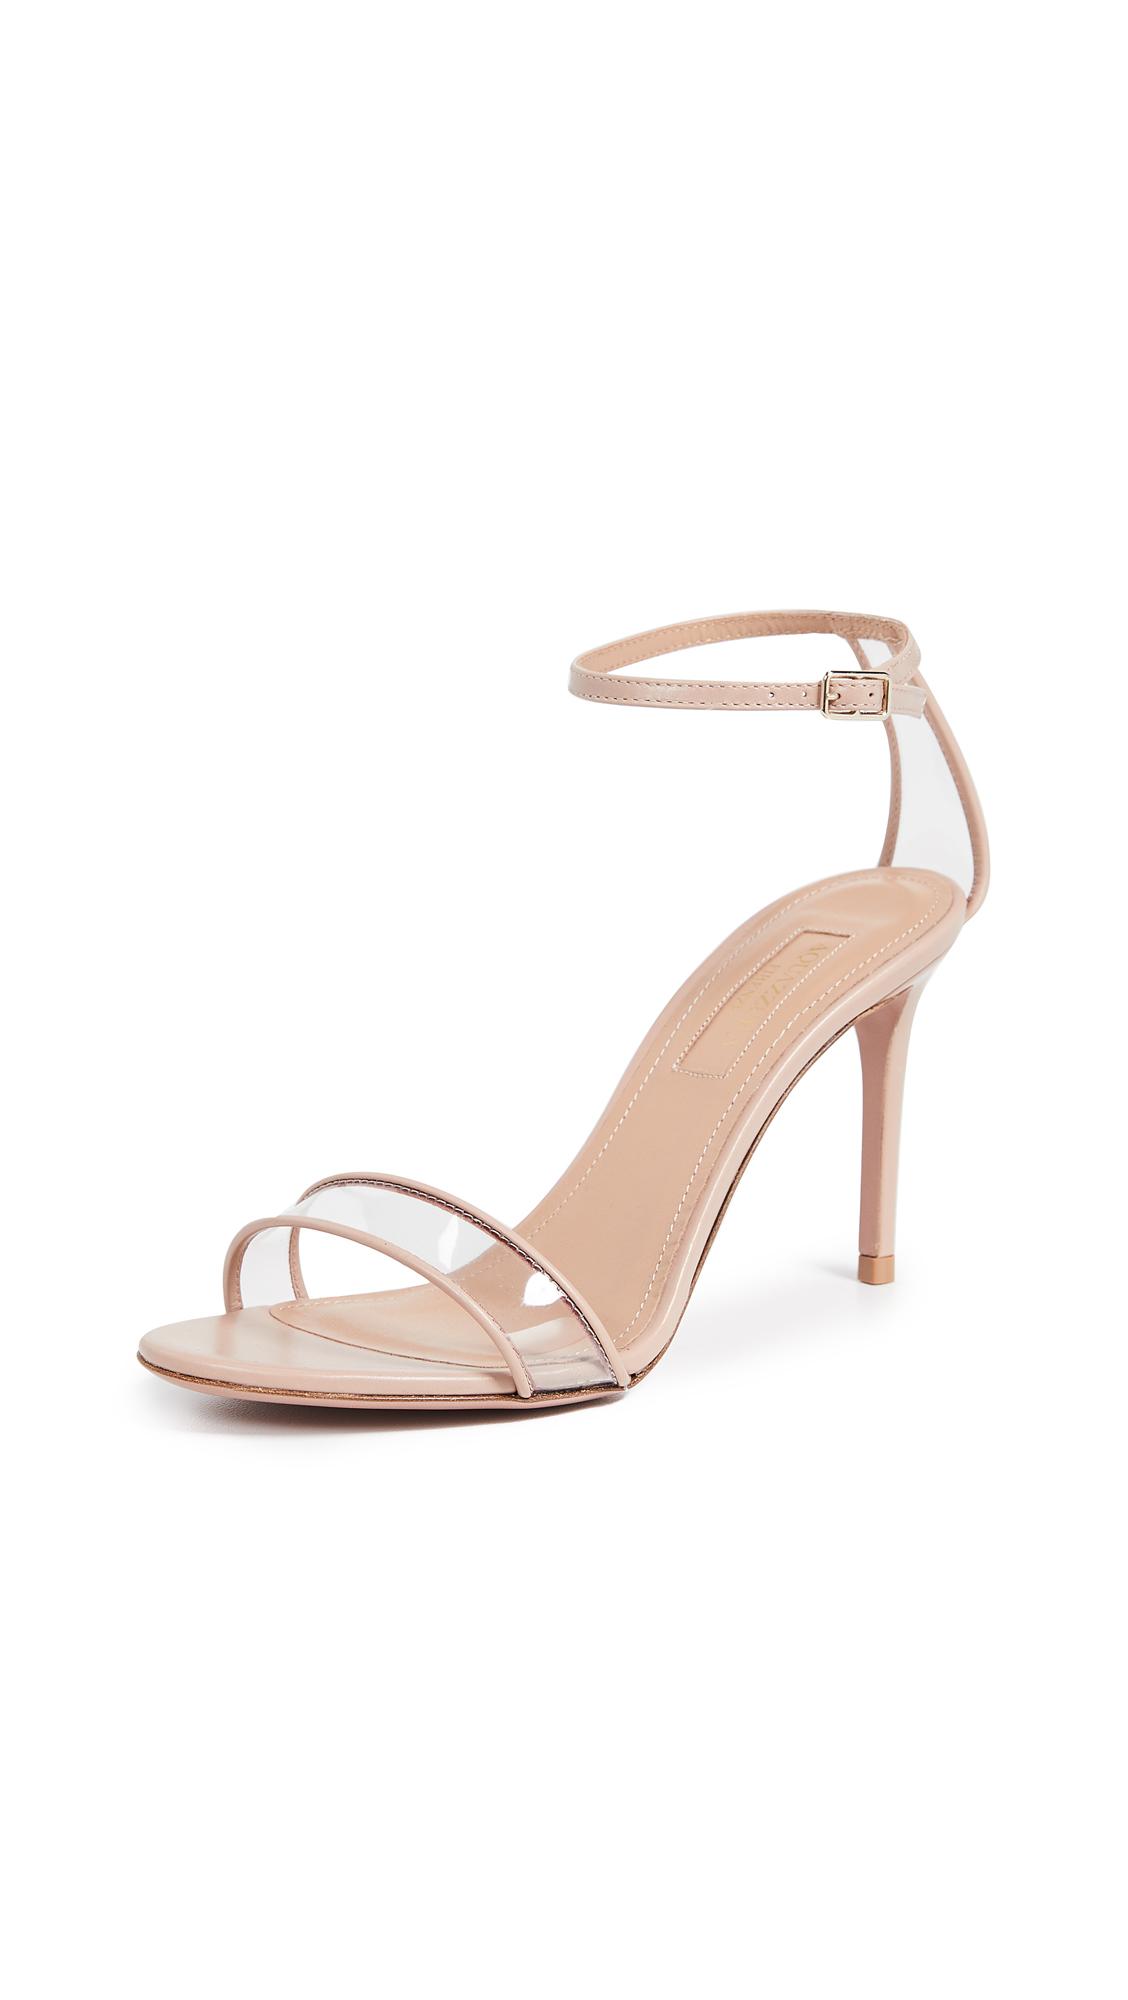 Aquazzura Minimalist 85 Sandals - Powder Pink